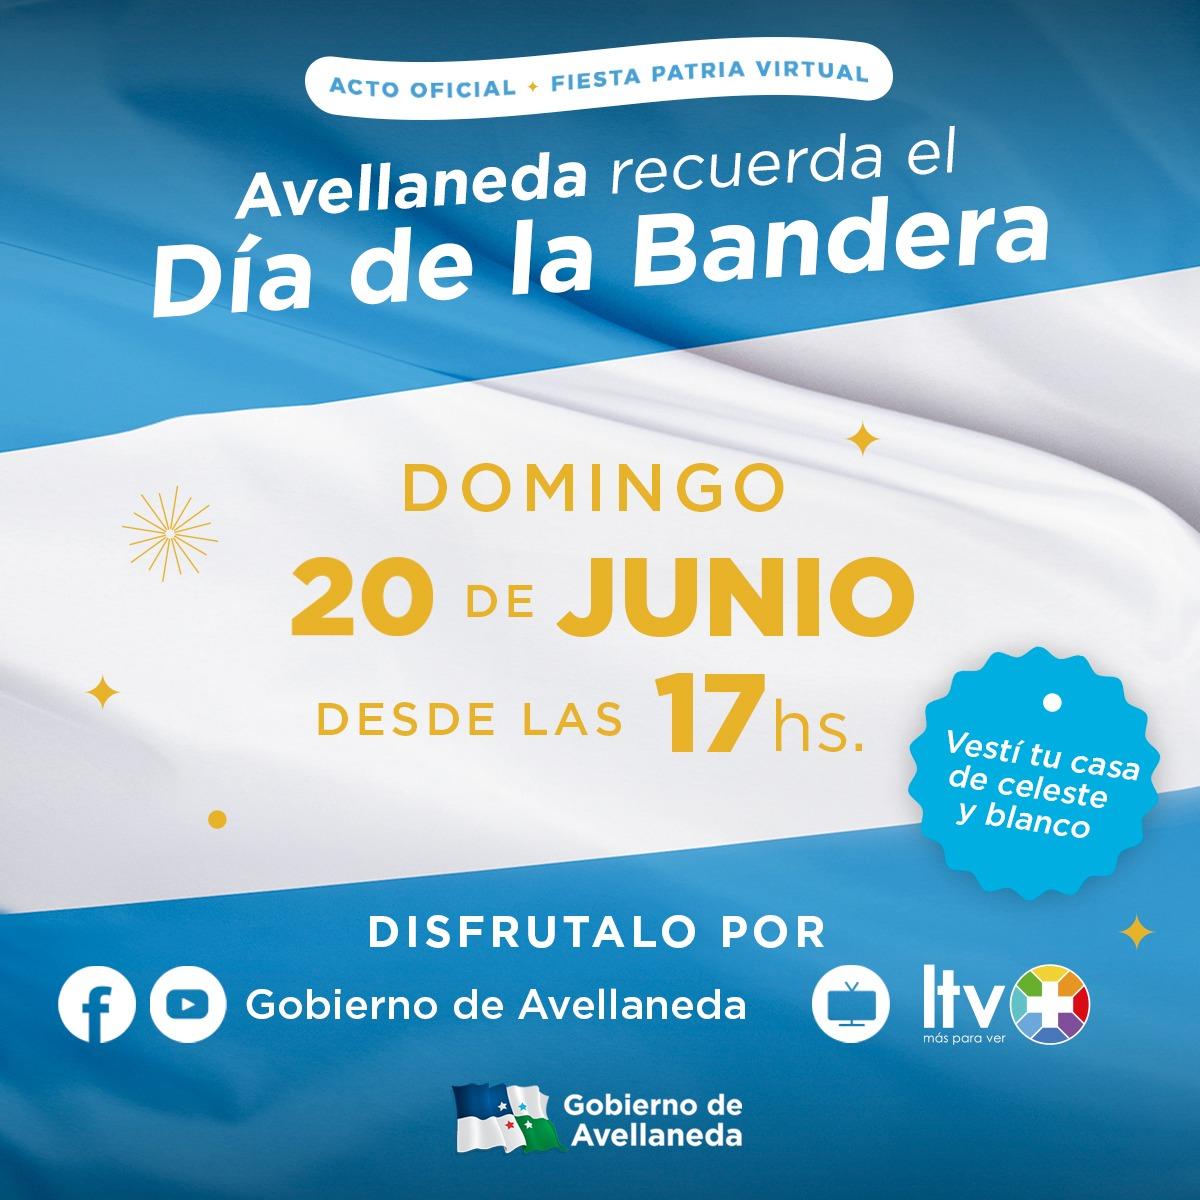 Avellaneda recordará el Día de la Bandera y su creador con una Fiesta Patria virtual